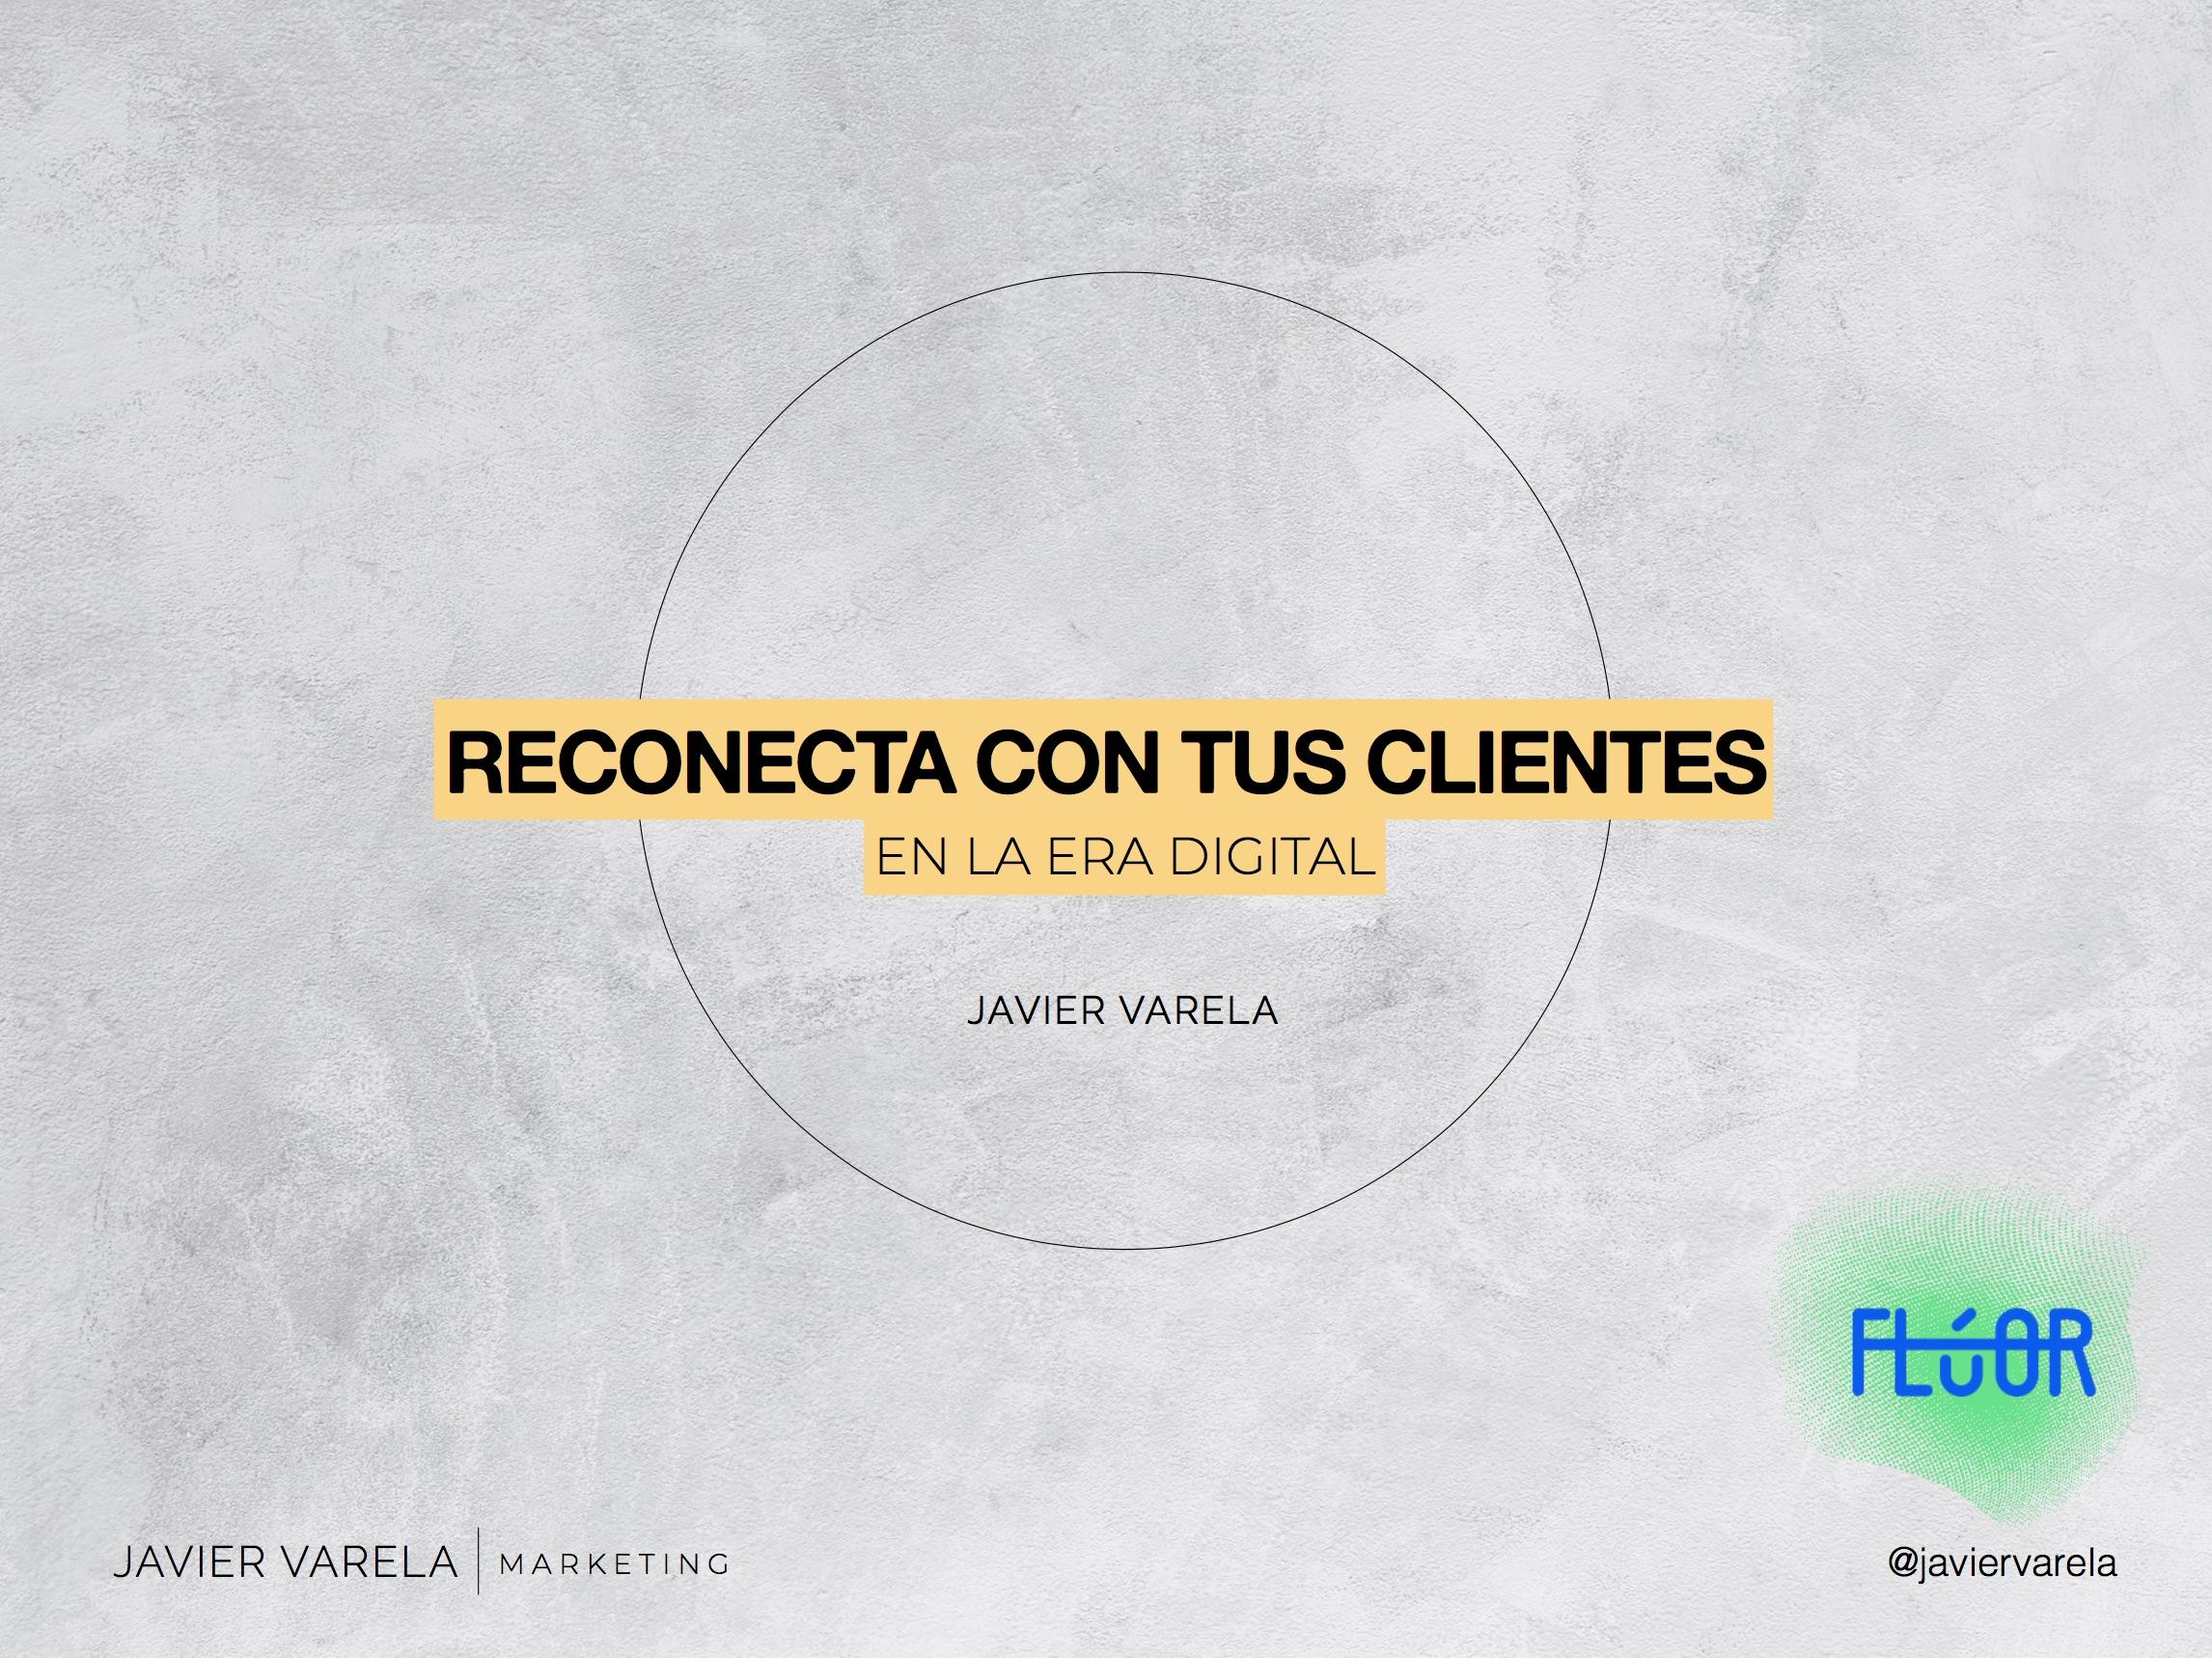 Ponencia Javier Varela - Congreso Flúor Marketing Digital